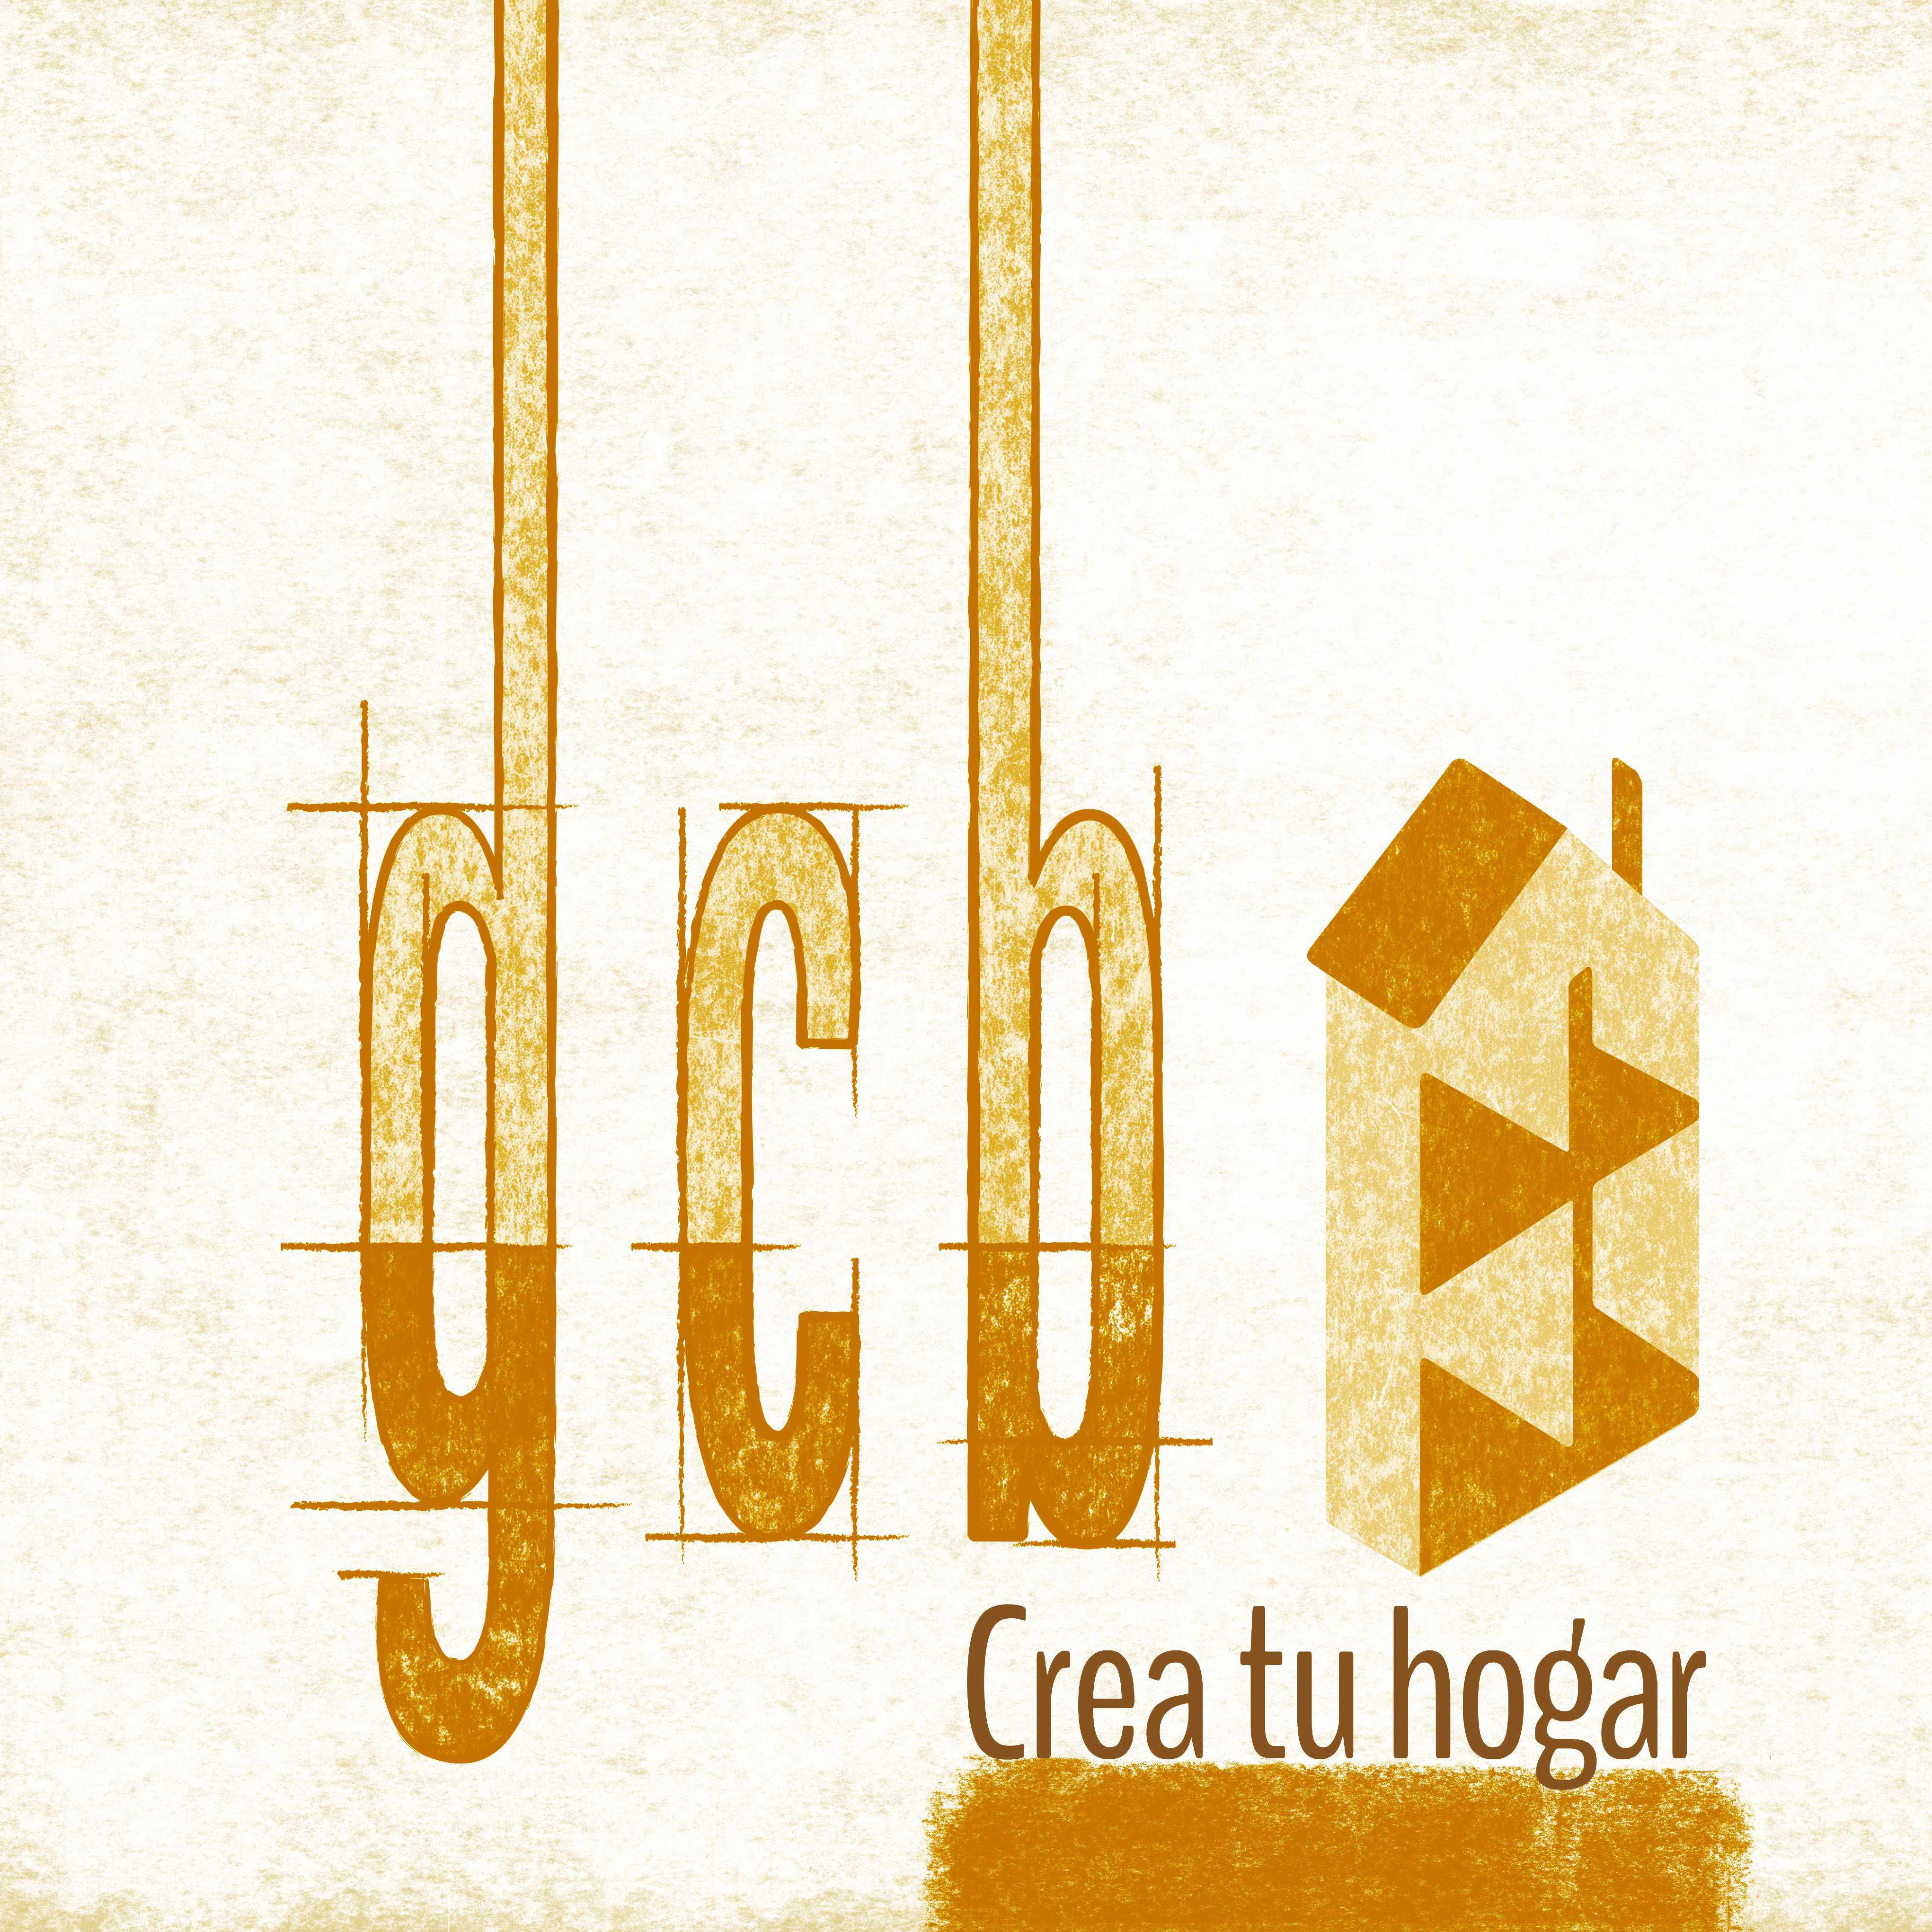 GCB crea tu hogar